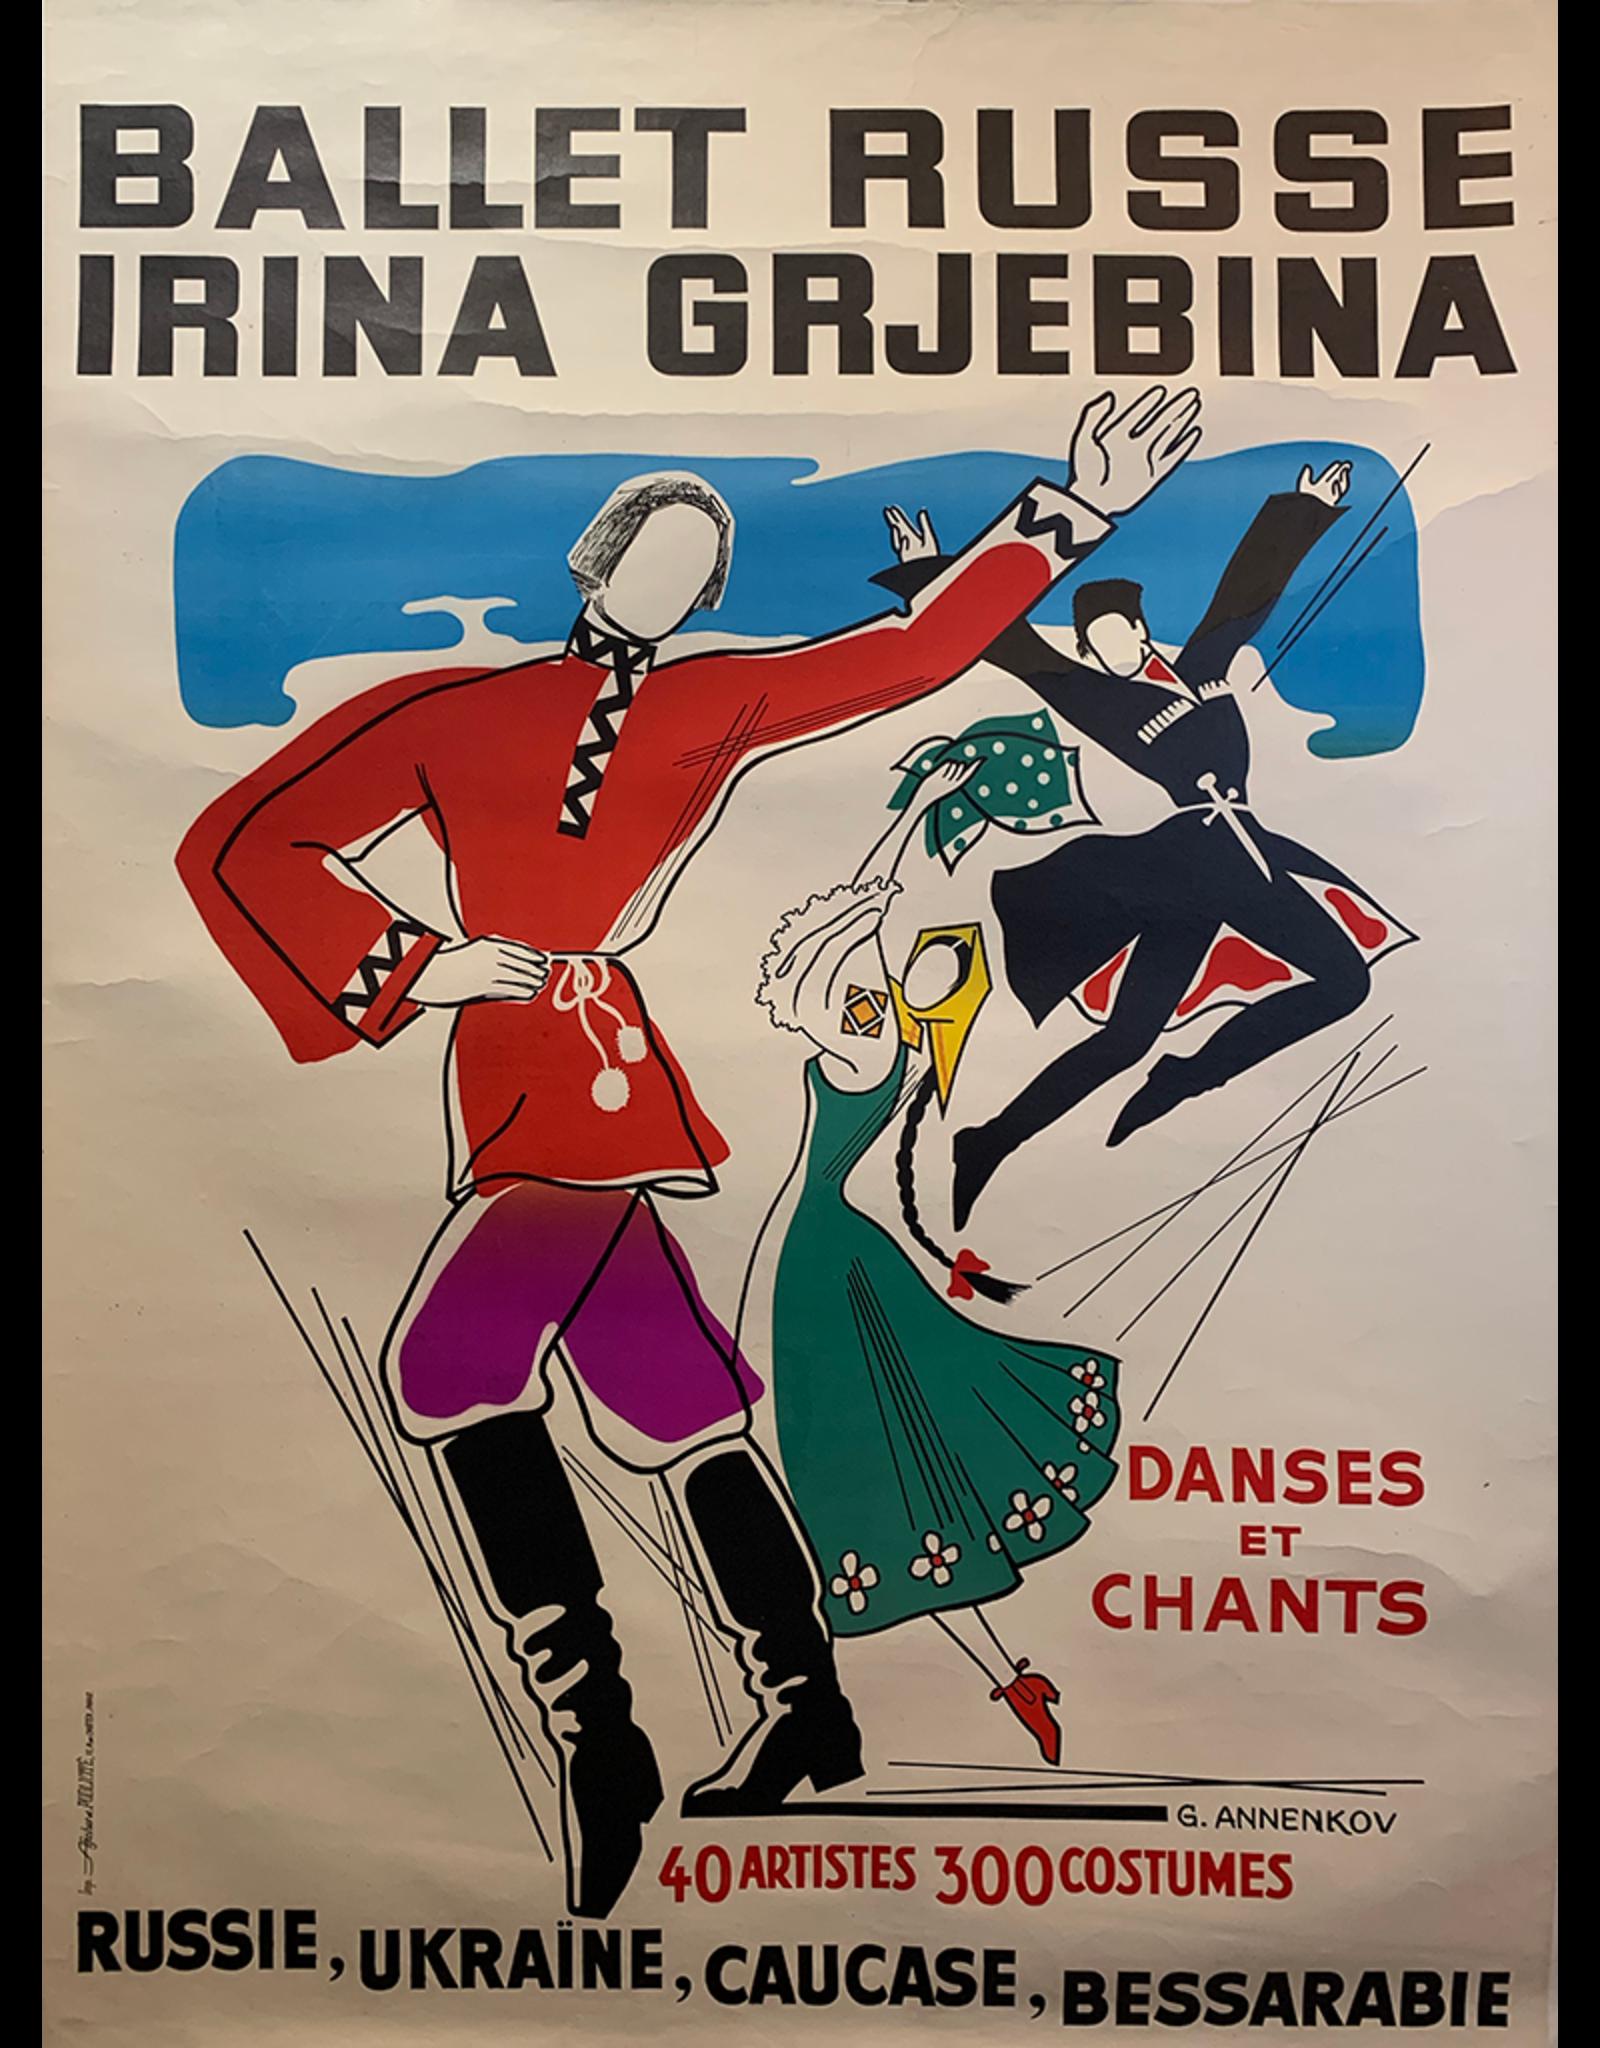 SPV Ballet Russe Irina Grjbina